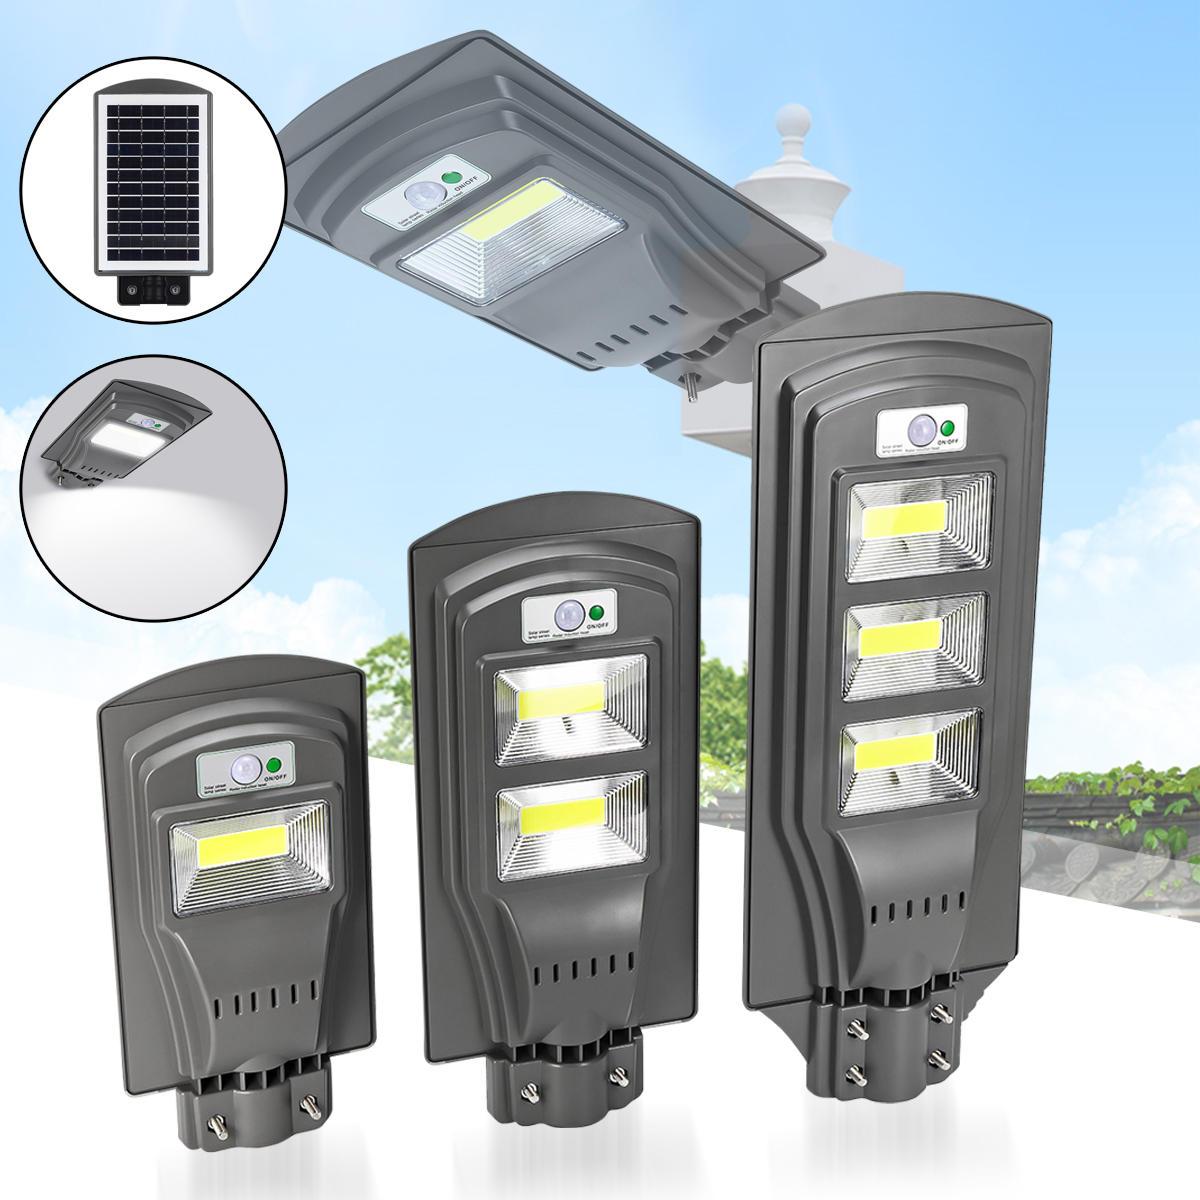 20ワット40ワット60ワットソーラーパワーPIRモーションセンサー街路灯屋外ガーデンヤードライト